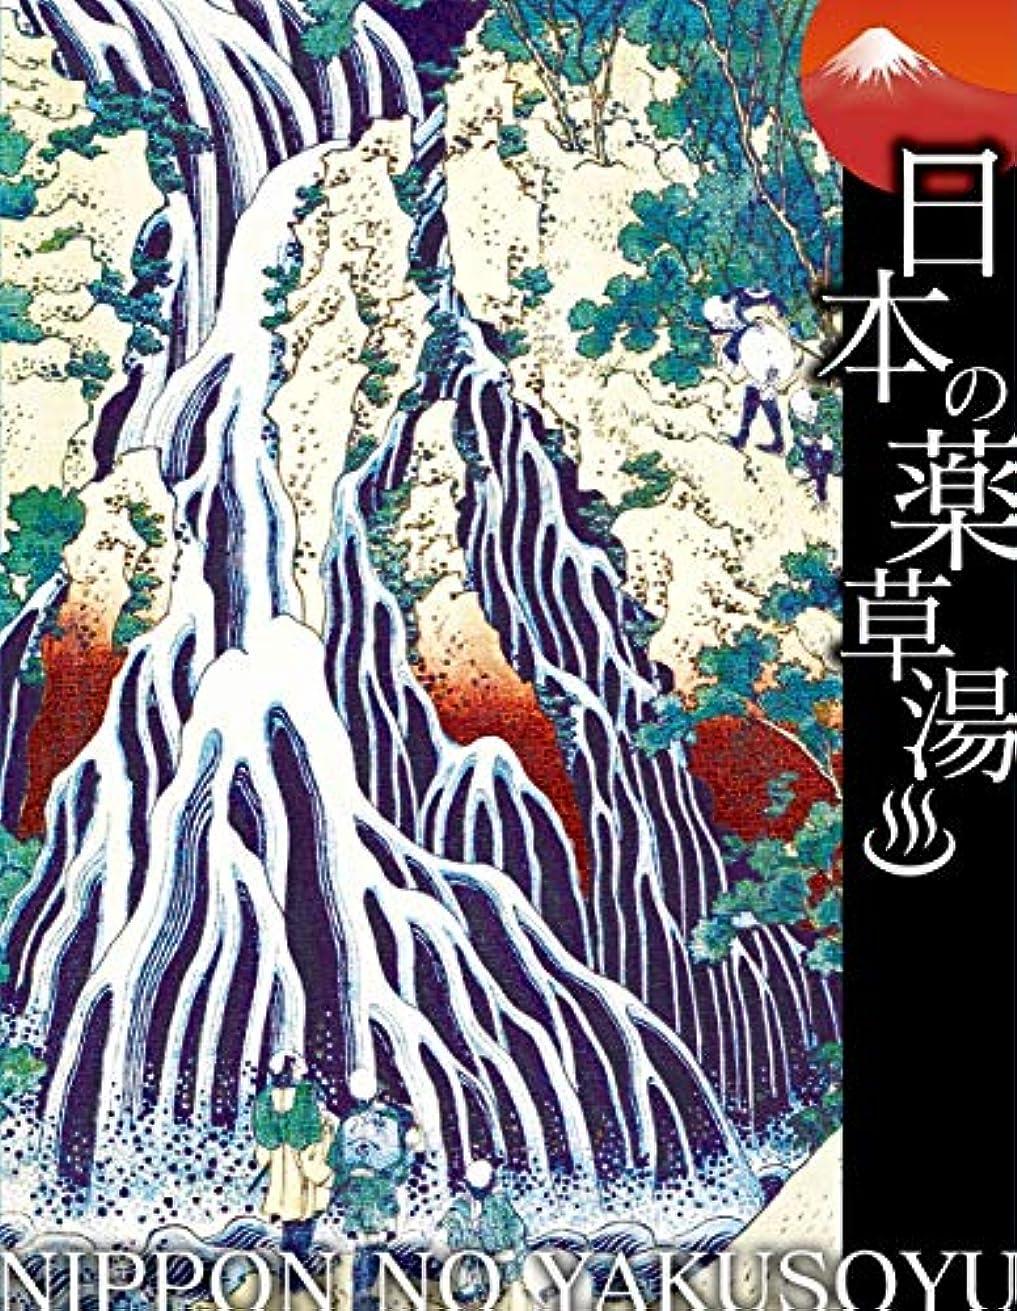 種をまく北東掃除日本の薬草湯 下野黒髪山きりふきの滝(諸国瀧廻り)